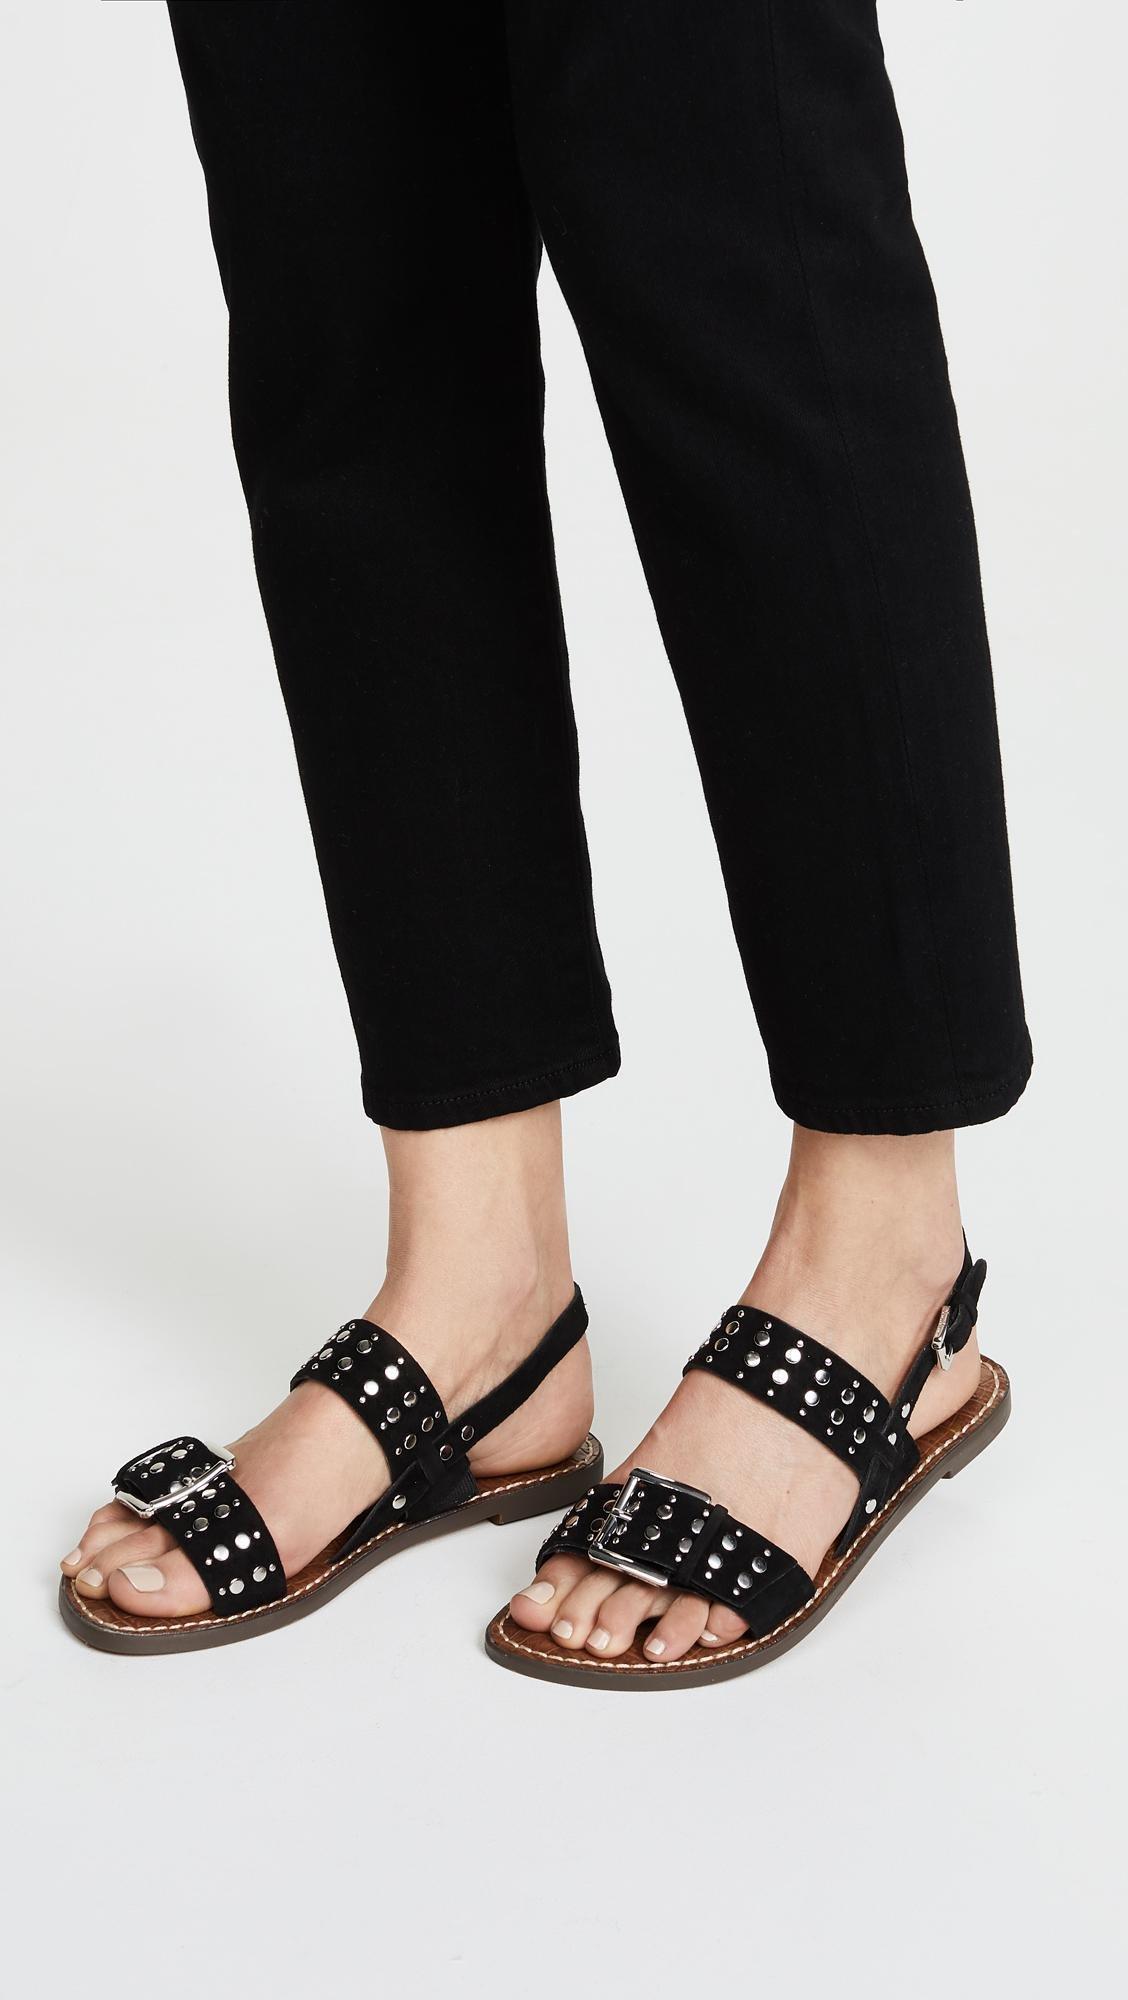 c3f2dde9f75df7 Lyst - Sam Edelman Glade Sandals in Black